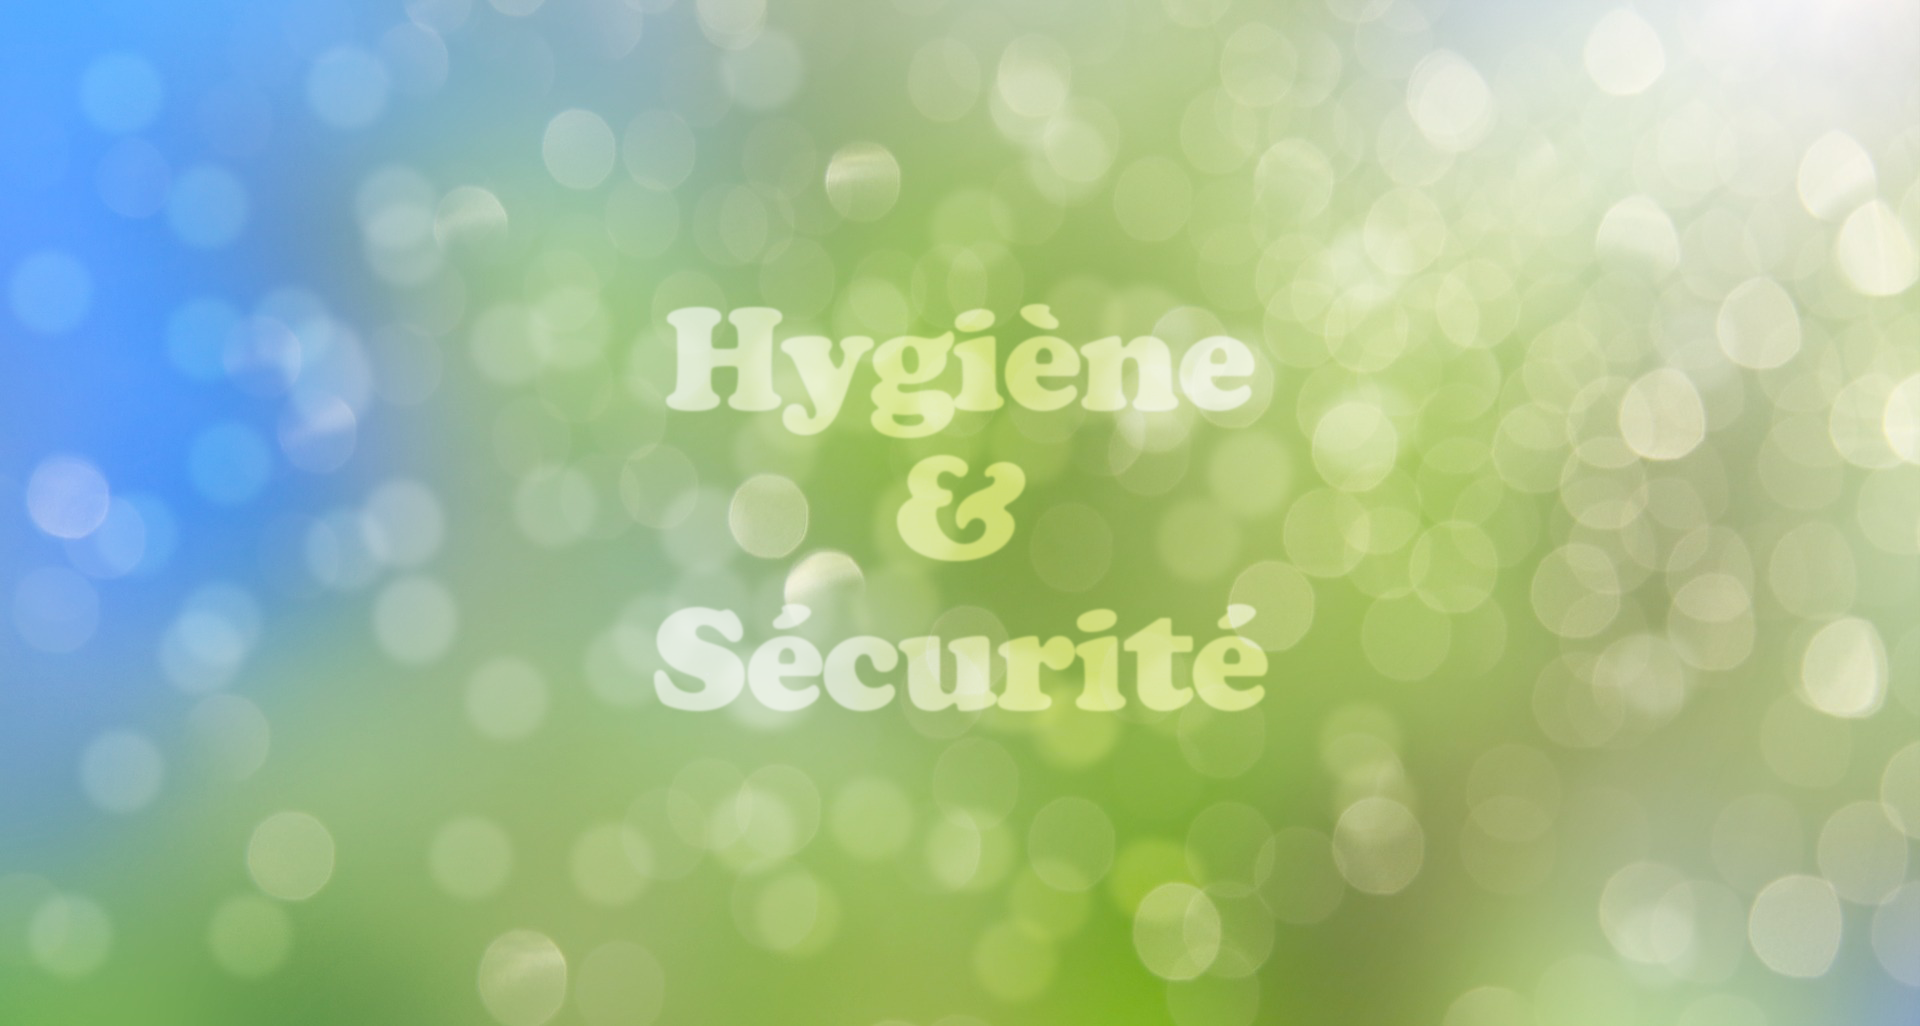 22adc326441 L hygiène et la sécurité - CDG Plus